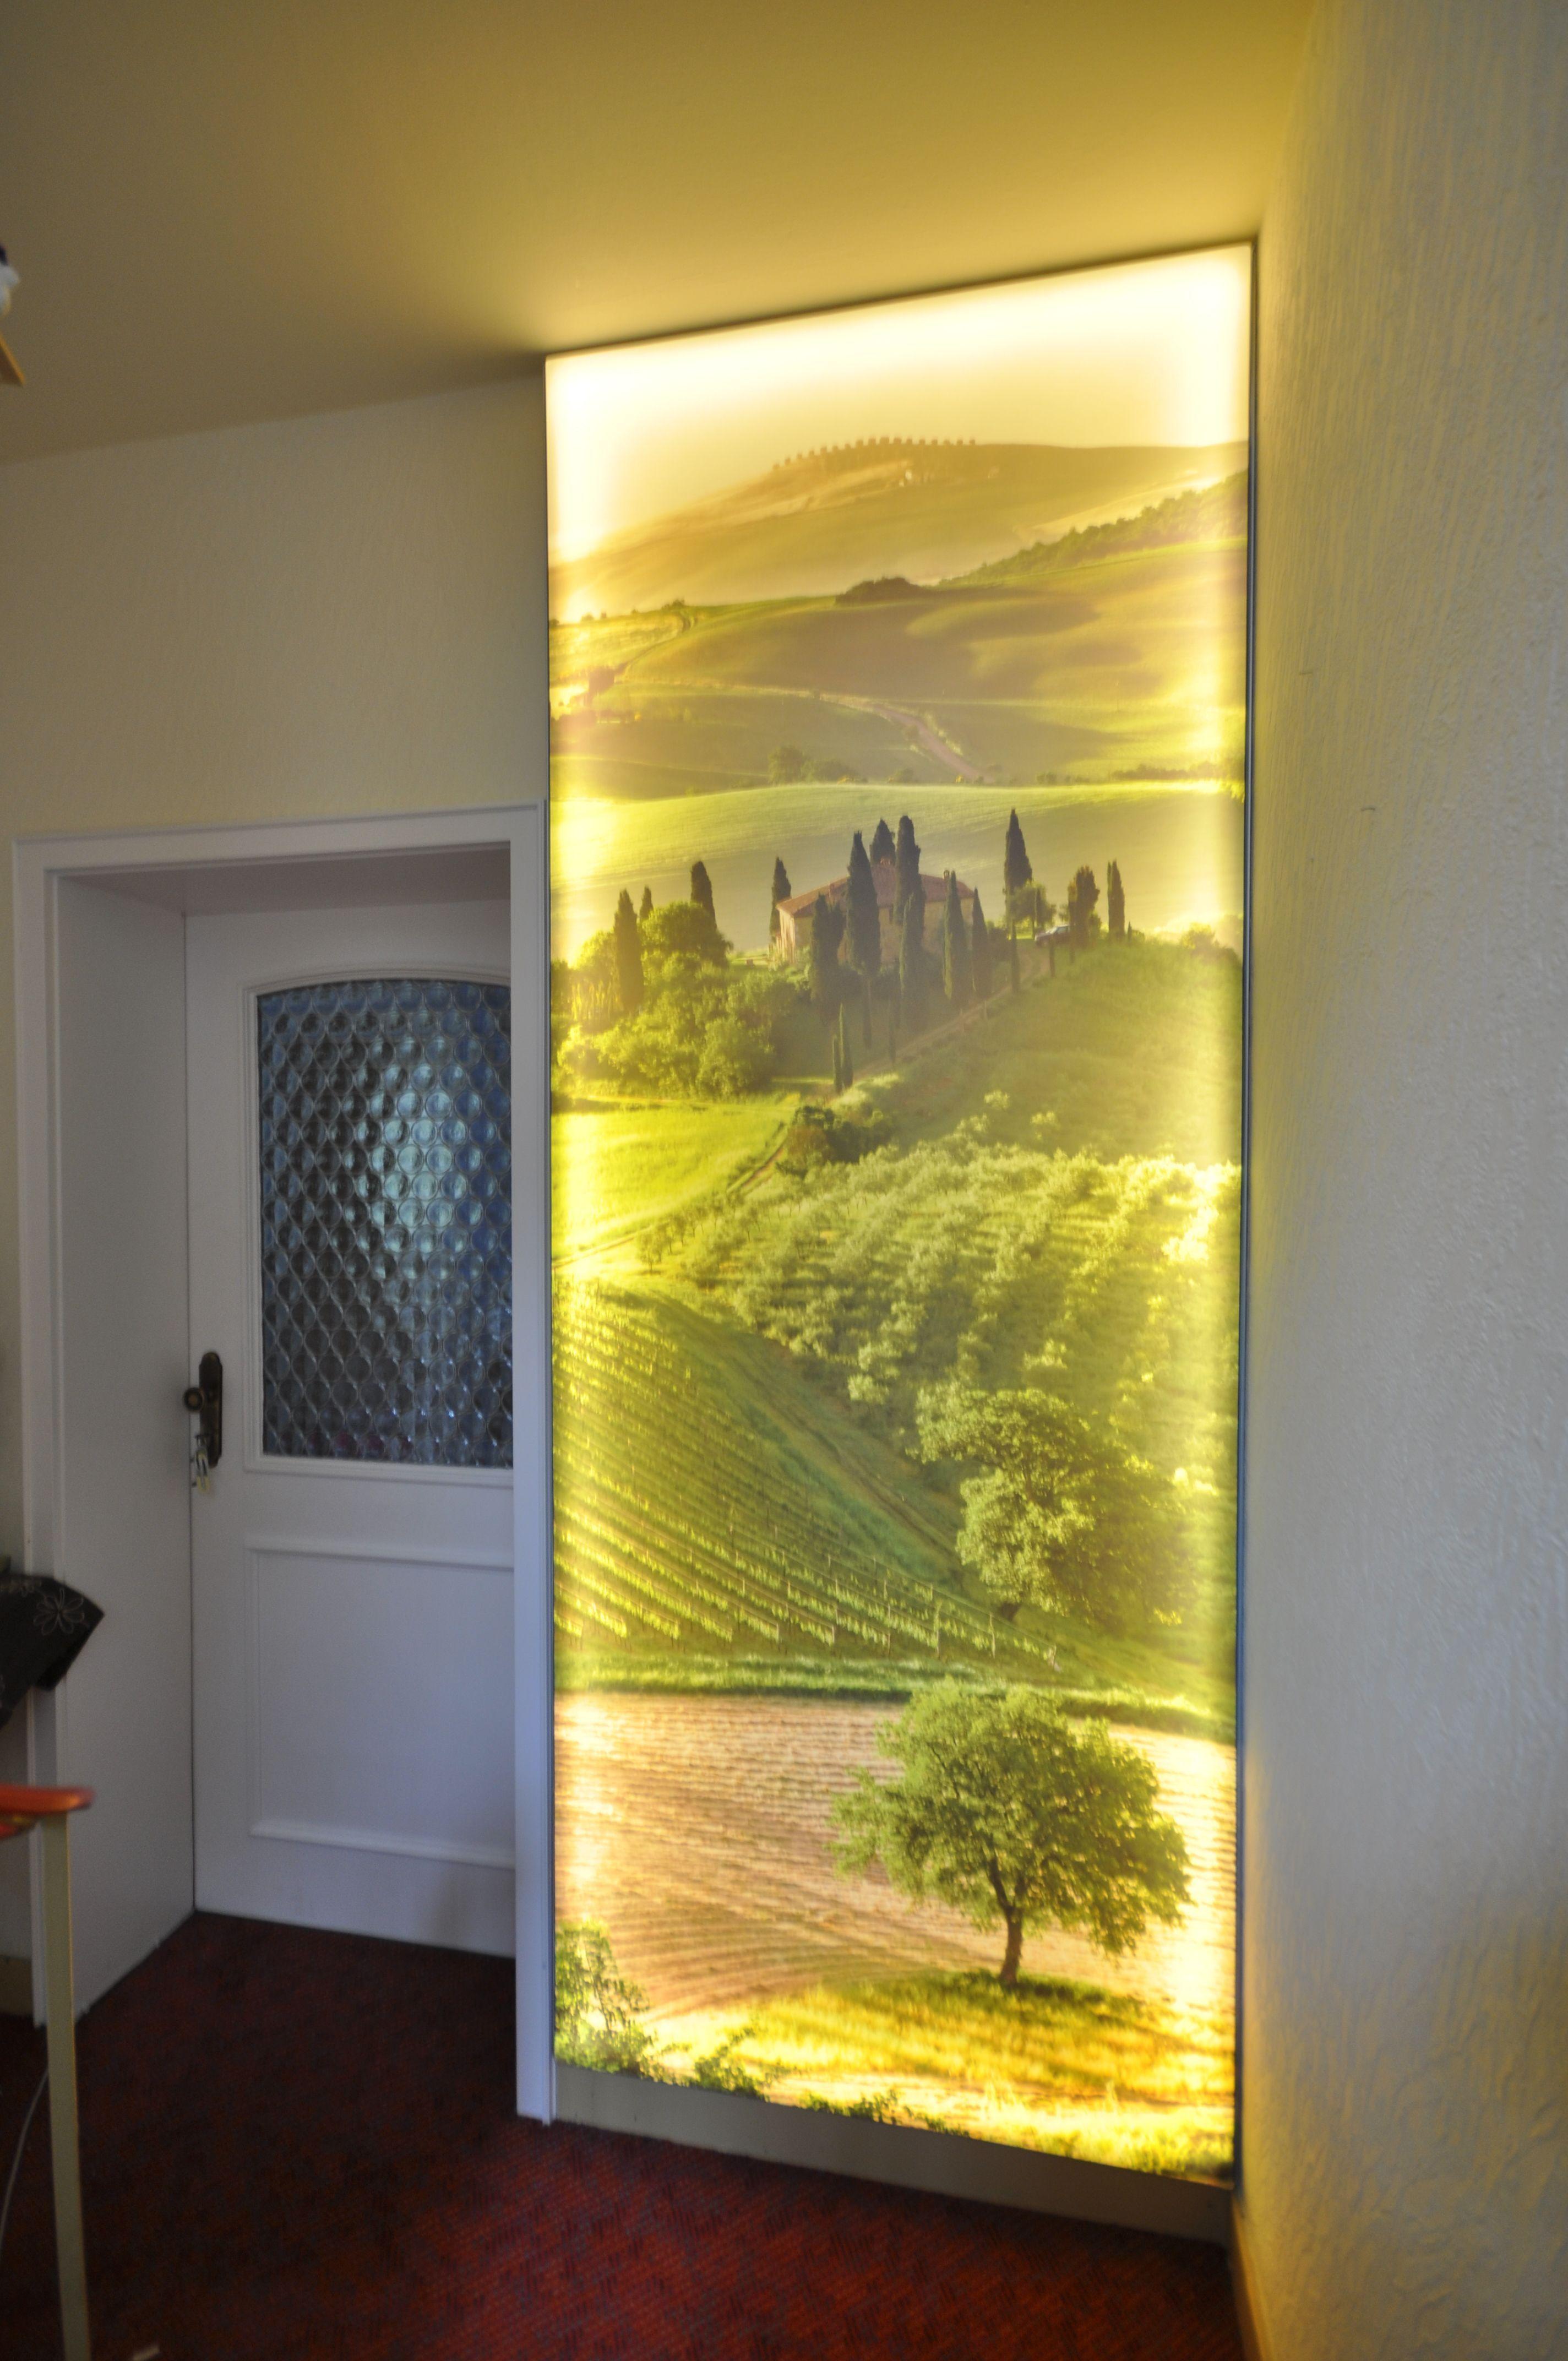 Bedruckte Spanndecke Als Lichtwand Im Flur Flur Decke Toskana Beleuchtung Licht In 2020 Lichtwande Spanndecken Flurbeleuchtung